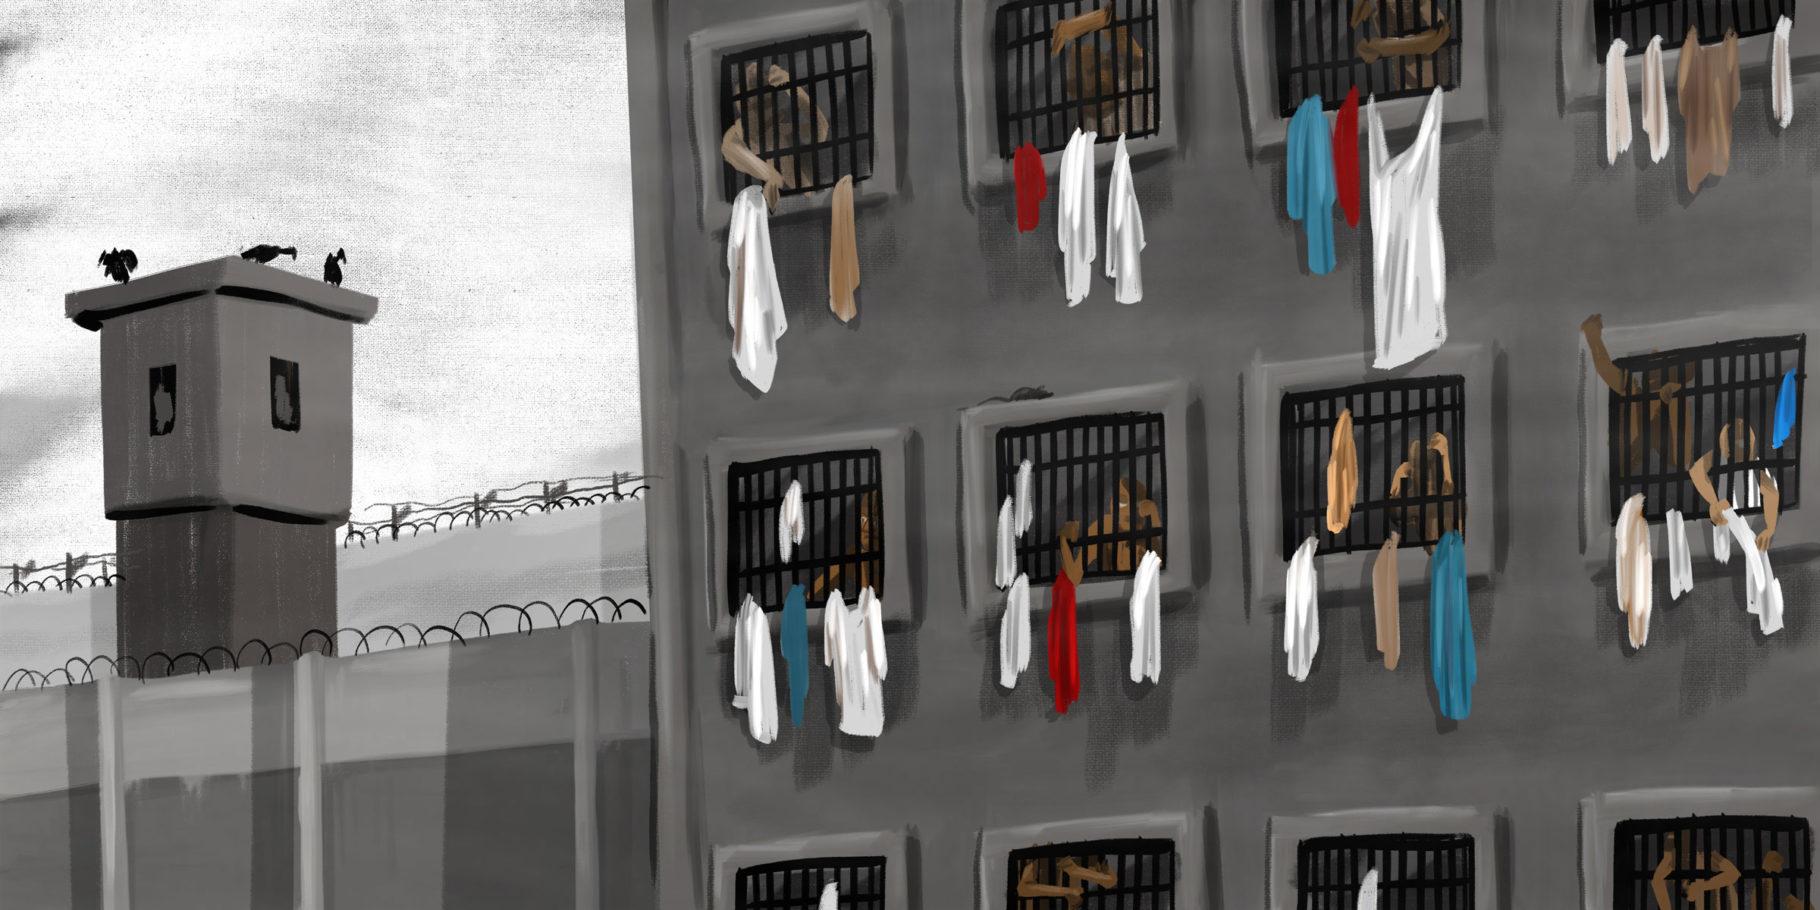 Sobrevivendo no inferno: o relato íntimo de três condenados